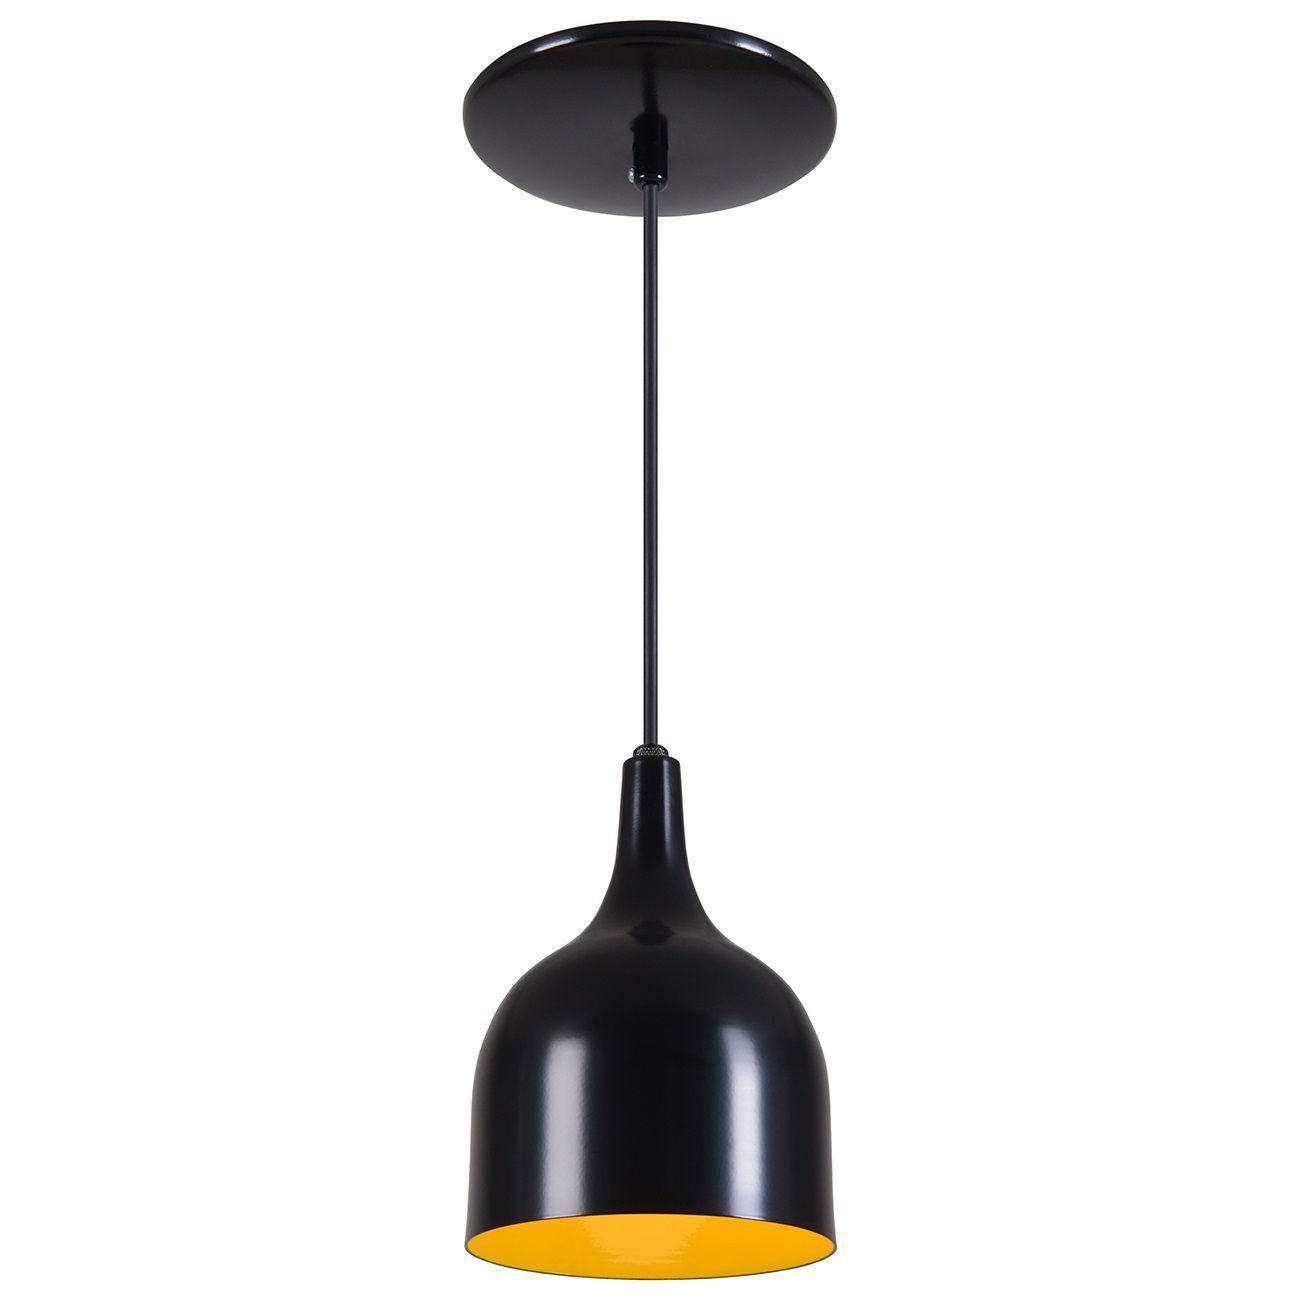 Pendente Gota Teat Luminária Lustre Alumínio Preto Fosco C/ Amarelo - Rei Da Iluminação